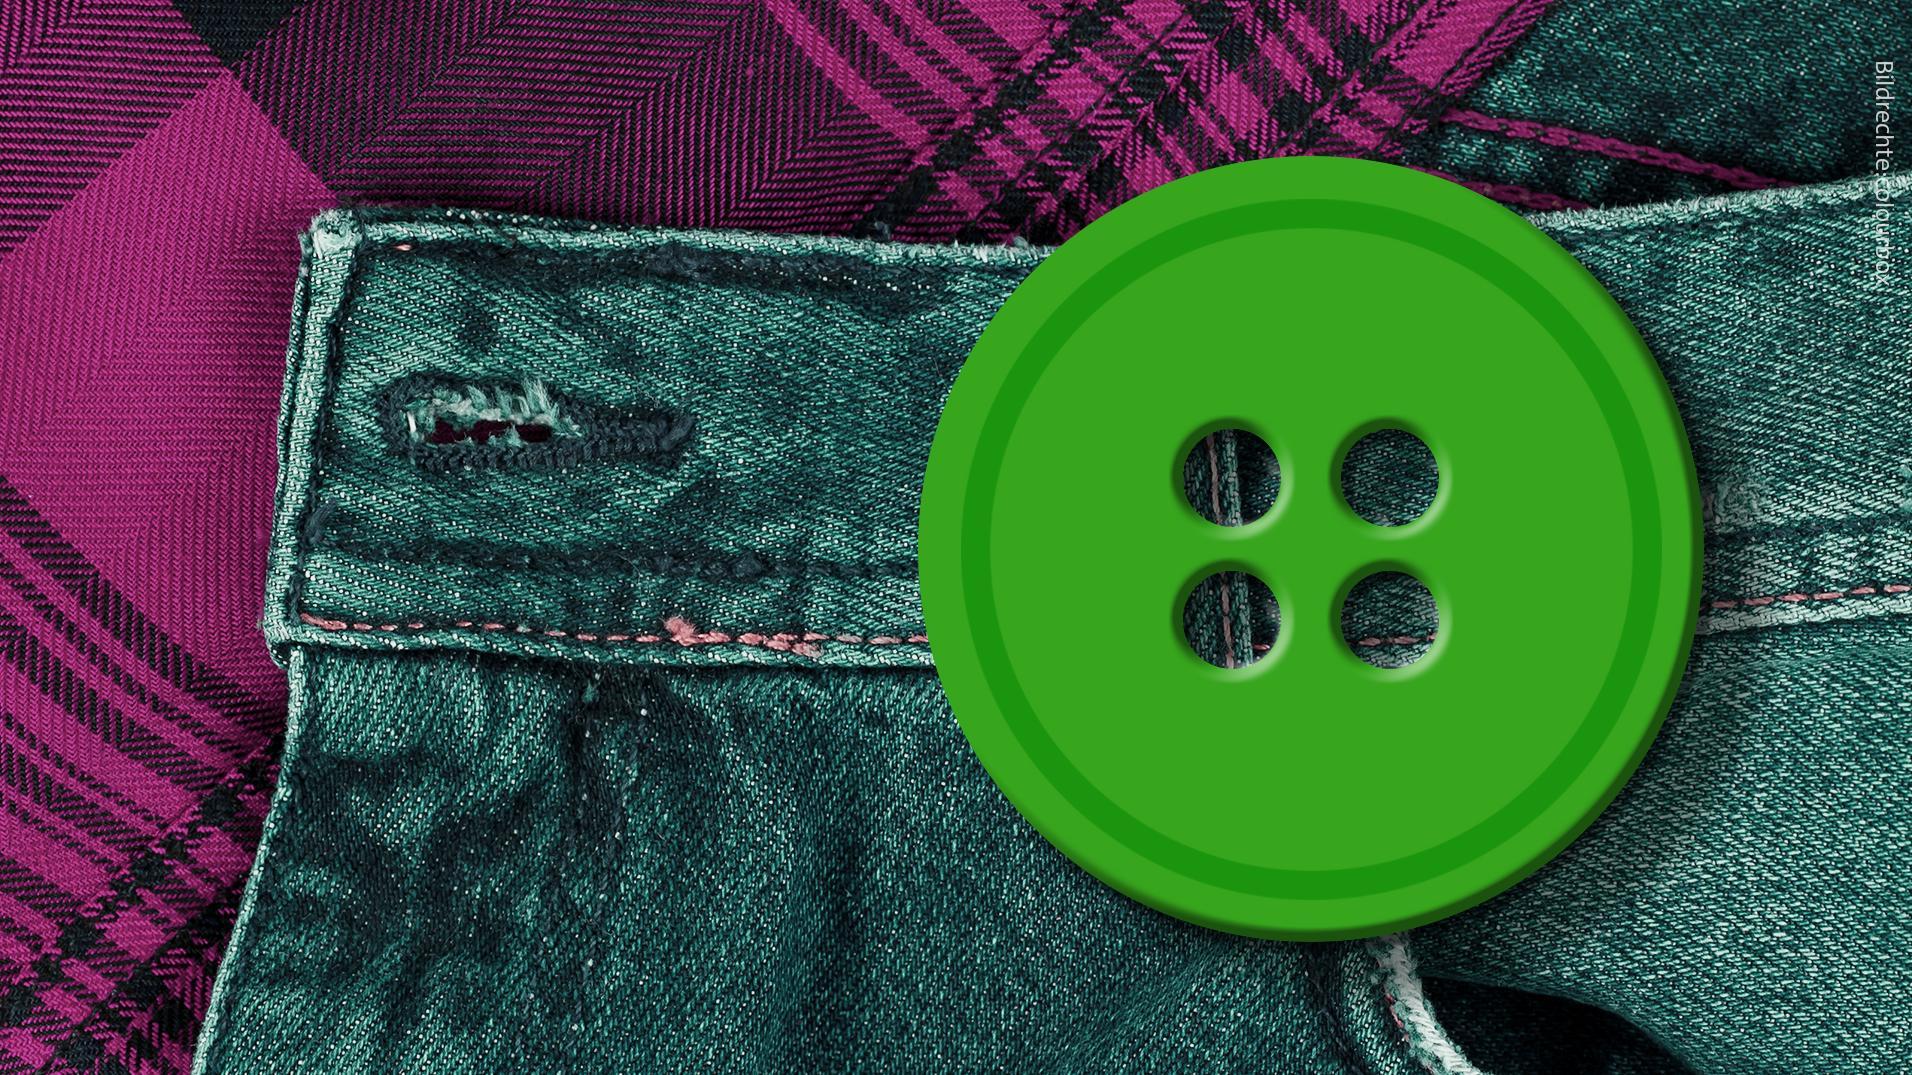 Umweltsiegel Der grüne Knopf - Symbolbild